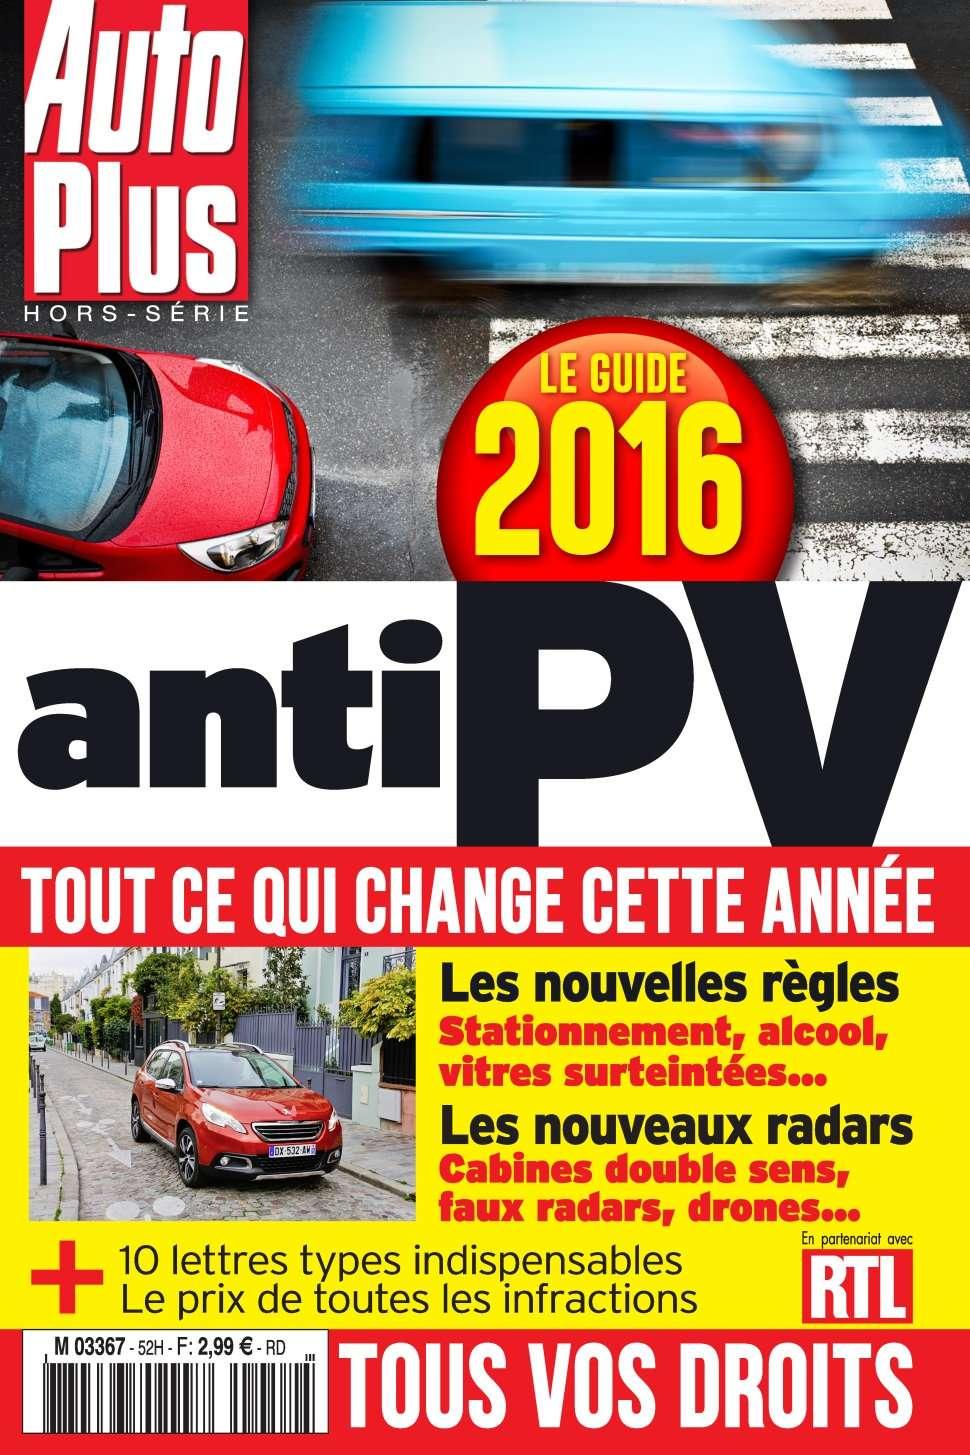 Auto Plus Hors-Série Guide 3 - Le Guide 2016